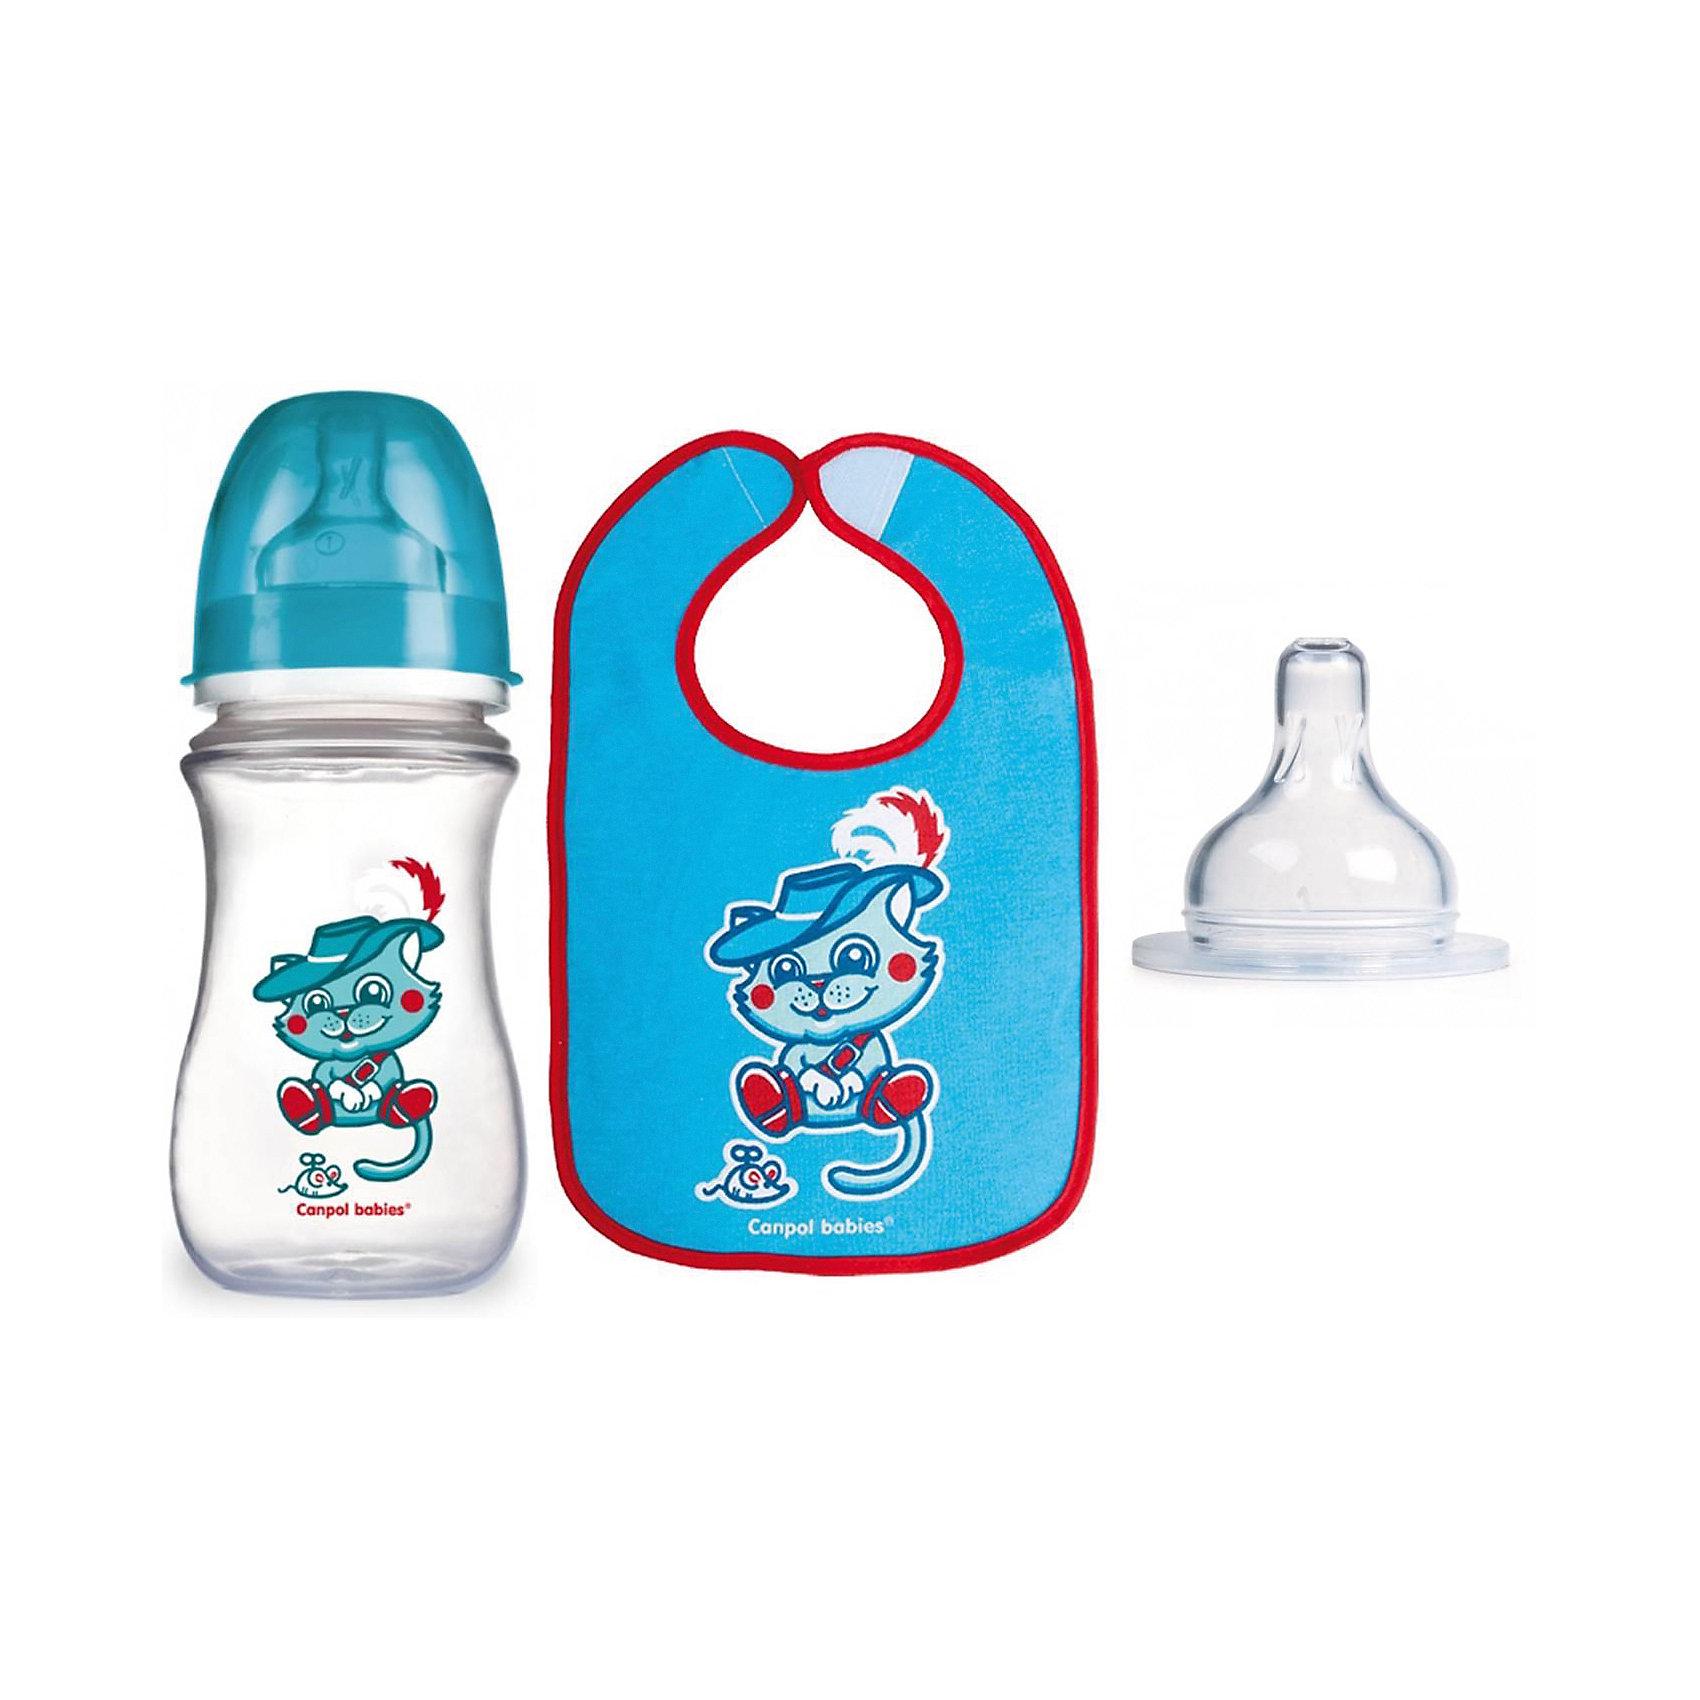 Набор для кормления Волшебная сказка, Саnpol Babies, голубой